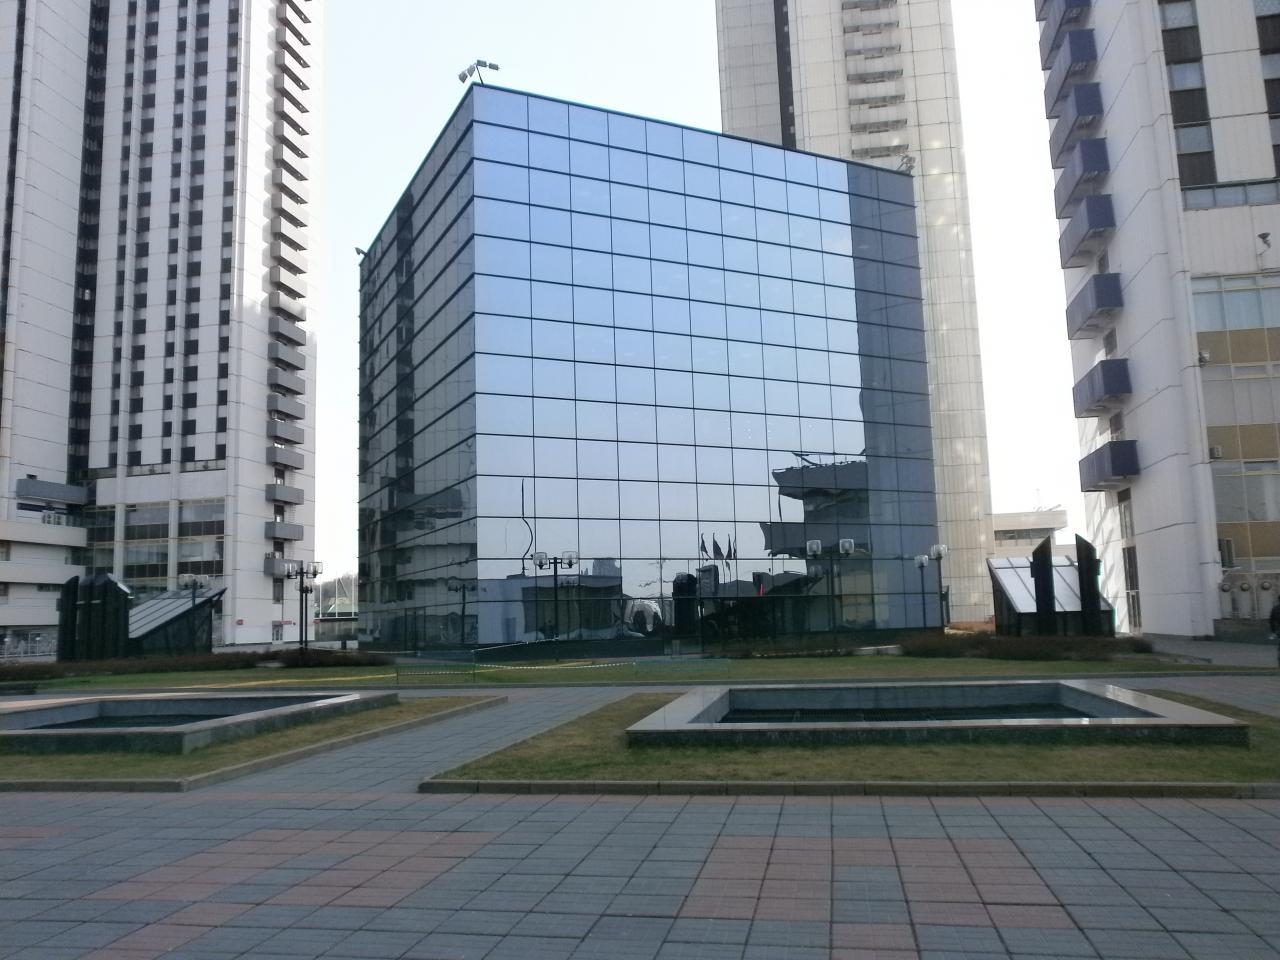 Аренда офиса в БЦ Измайловское ш. | фото 1 из 6